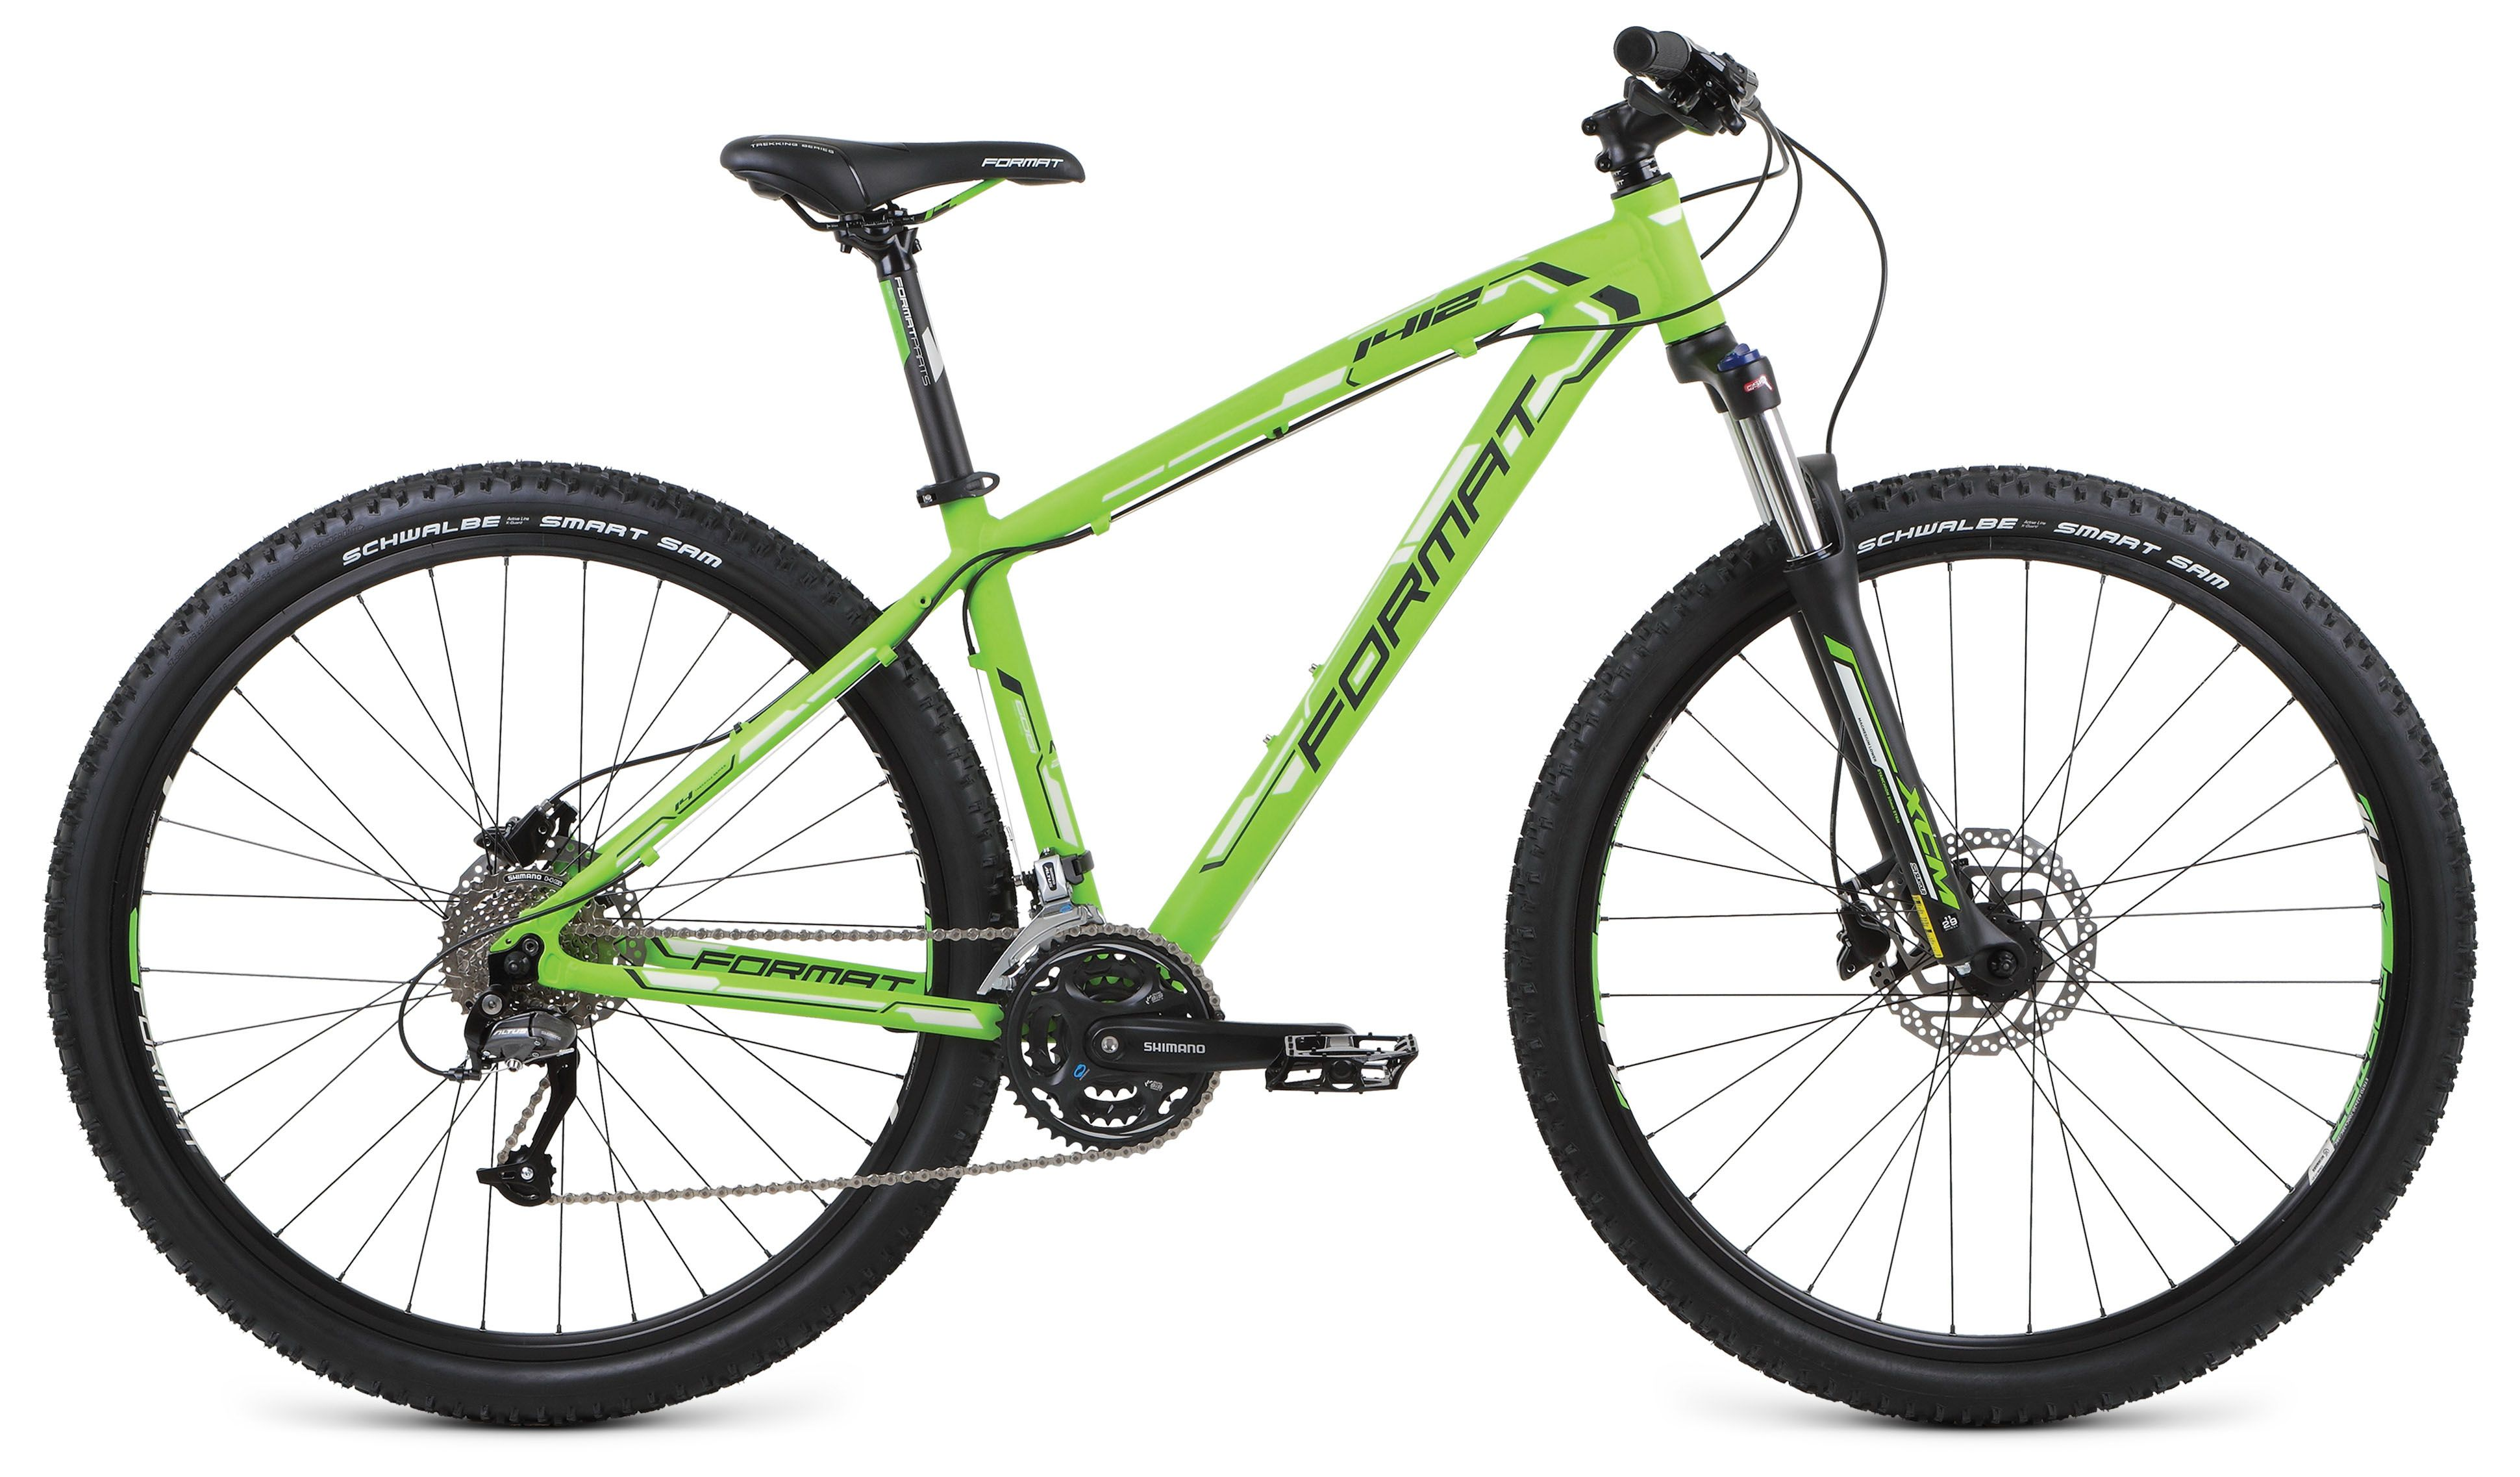 Велосипед Format 1412 29 2017 велосипед format 1412 29 2017